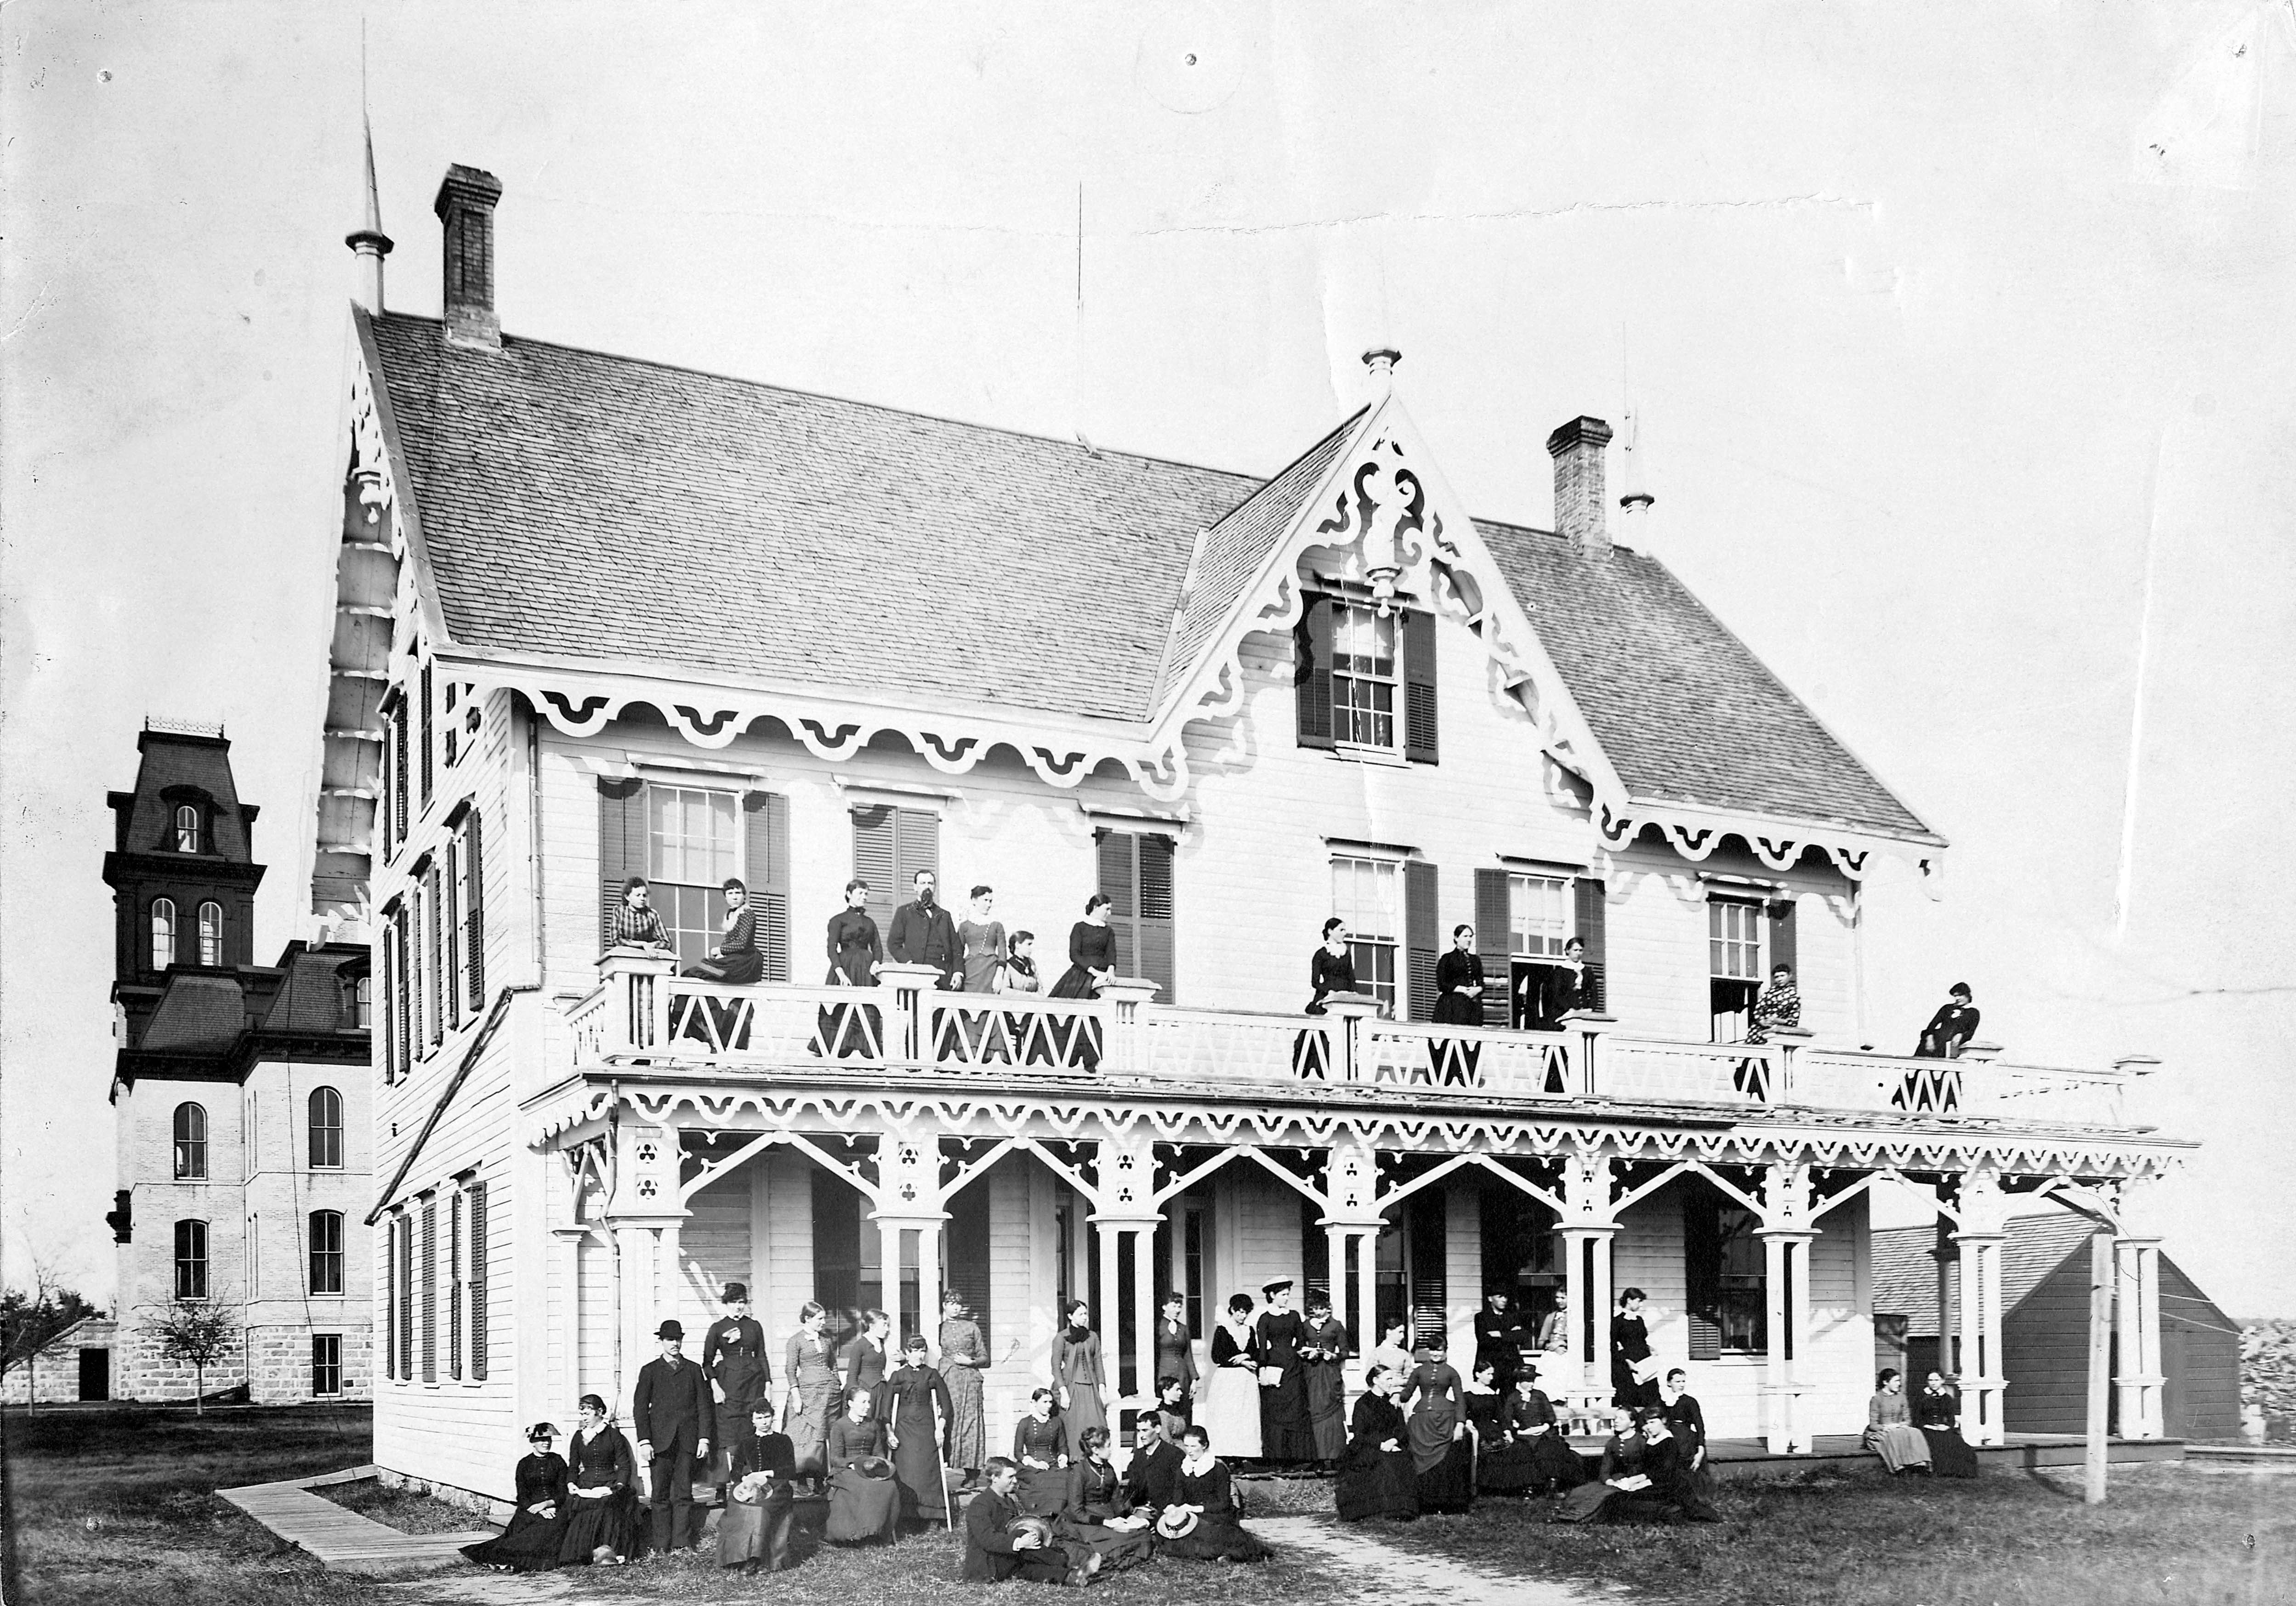 Stearns House, 1874?-1884?